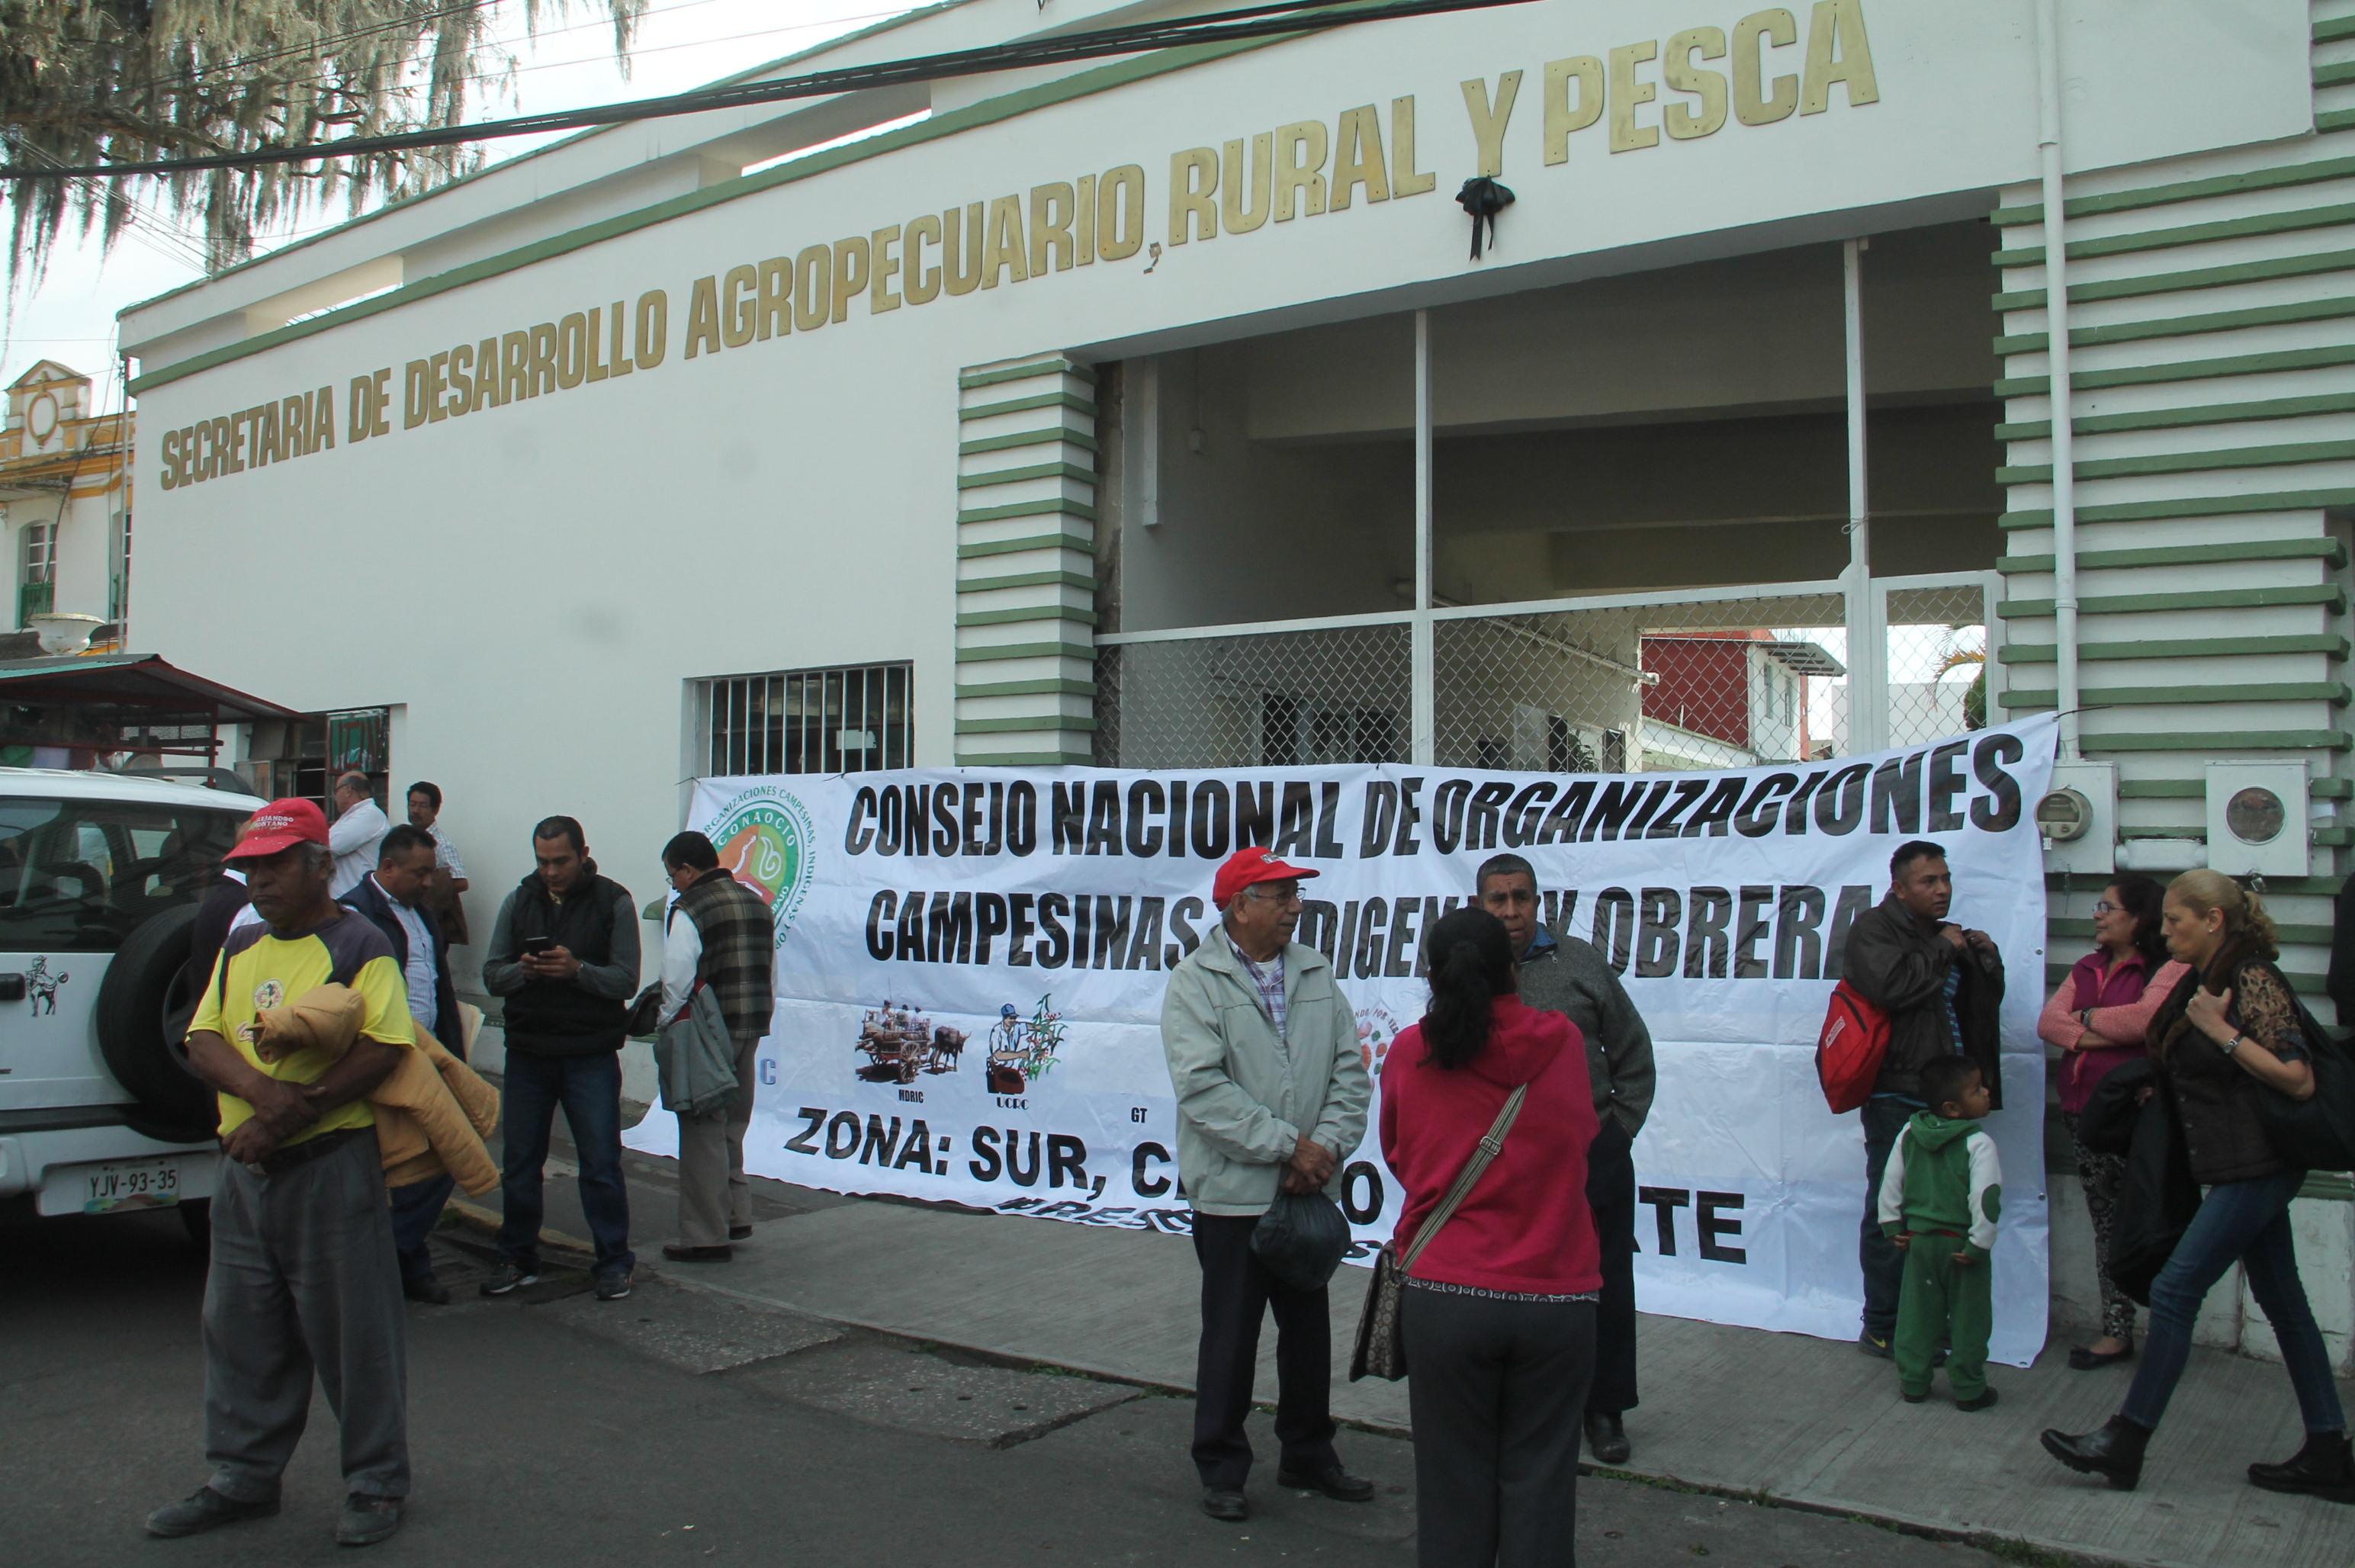 Campesinos toman instalaciones de la Sedarpa